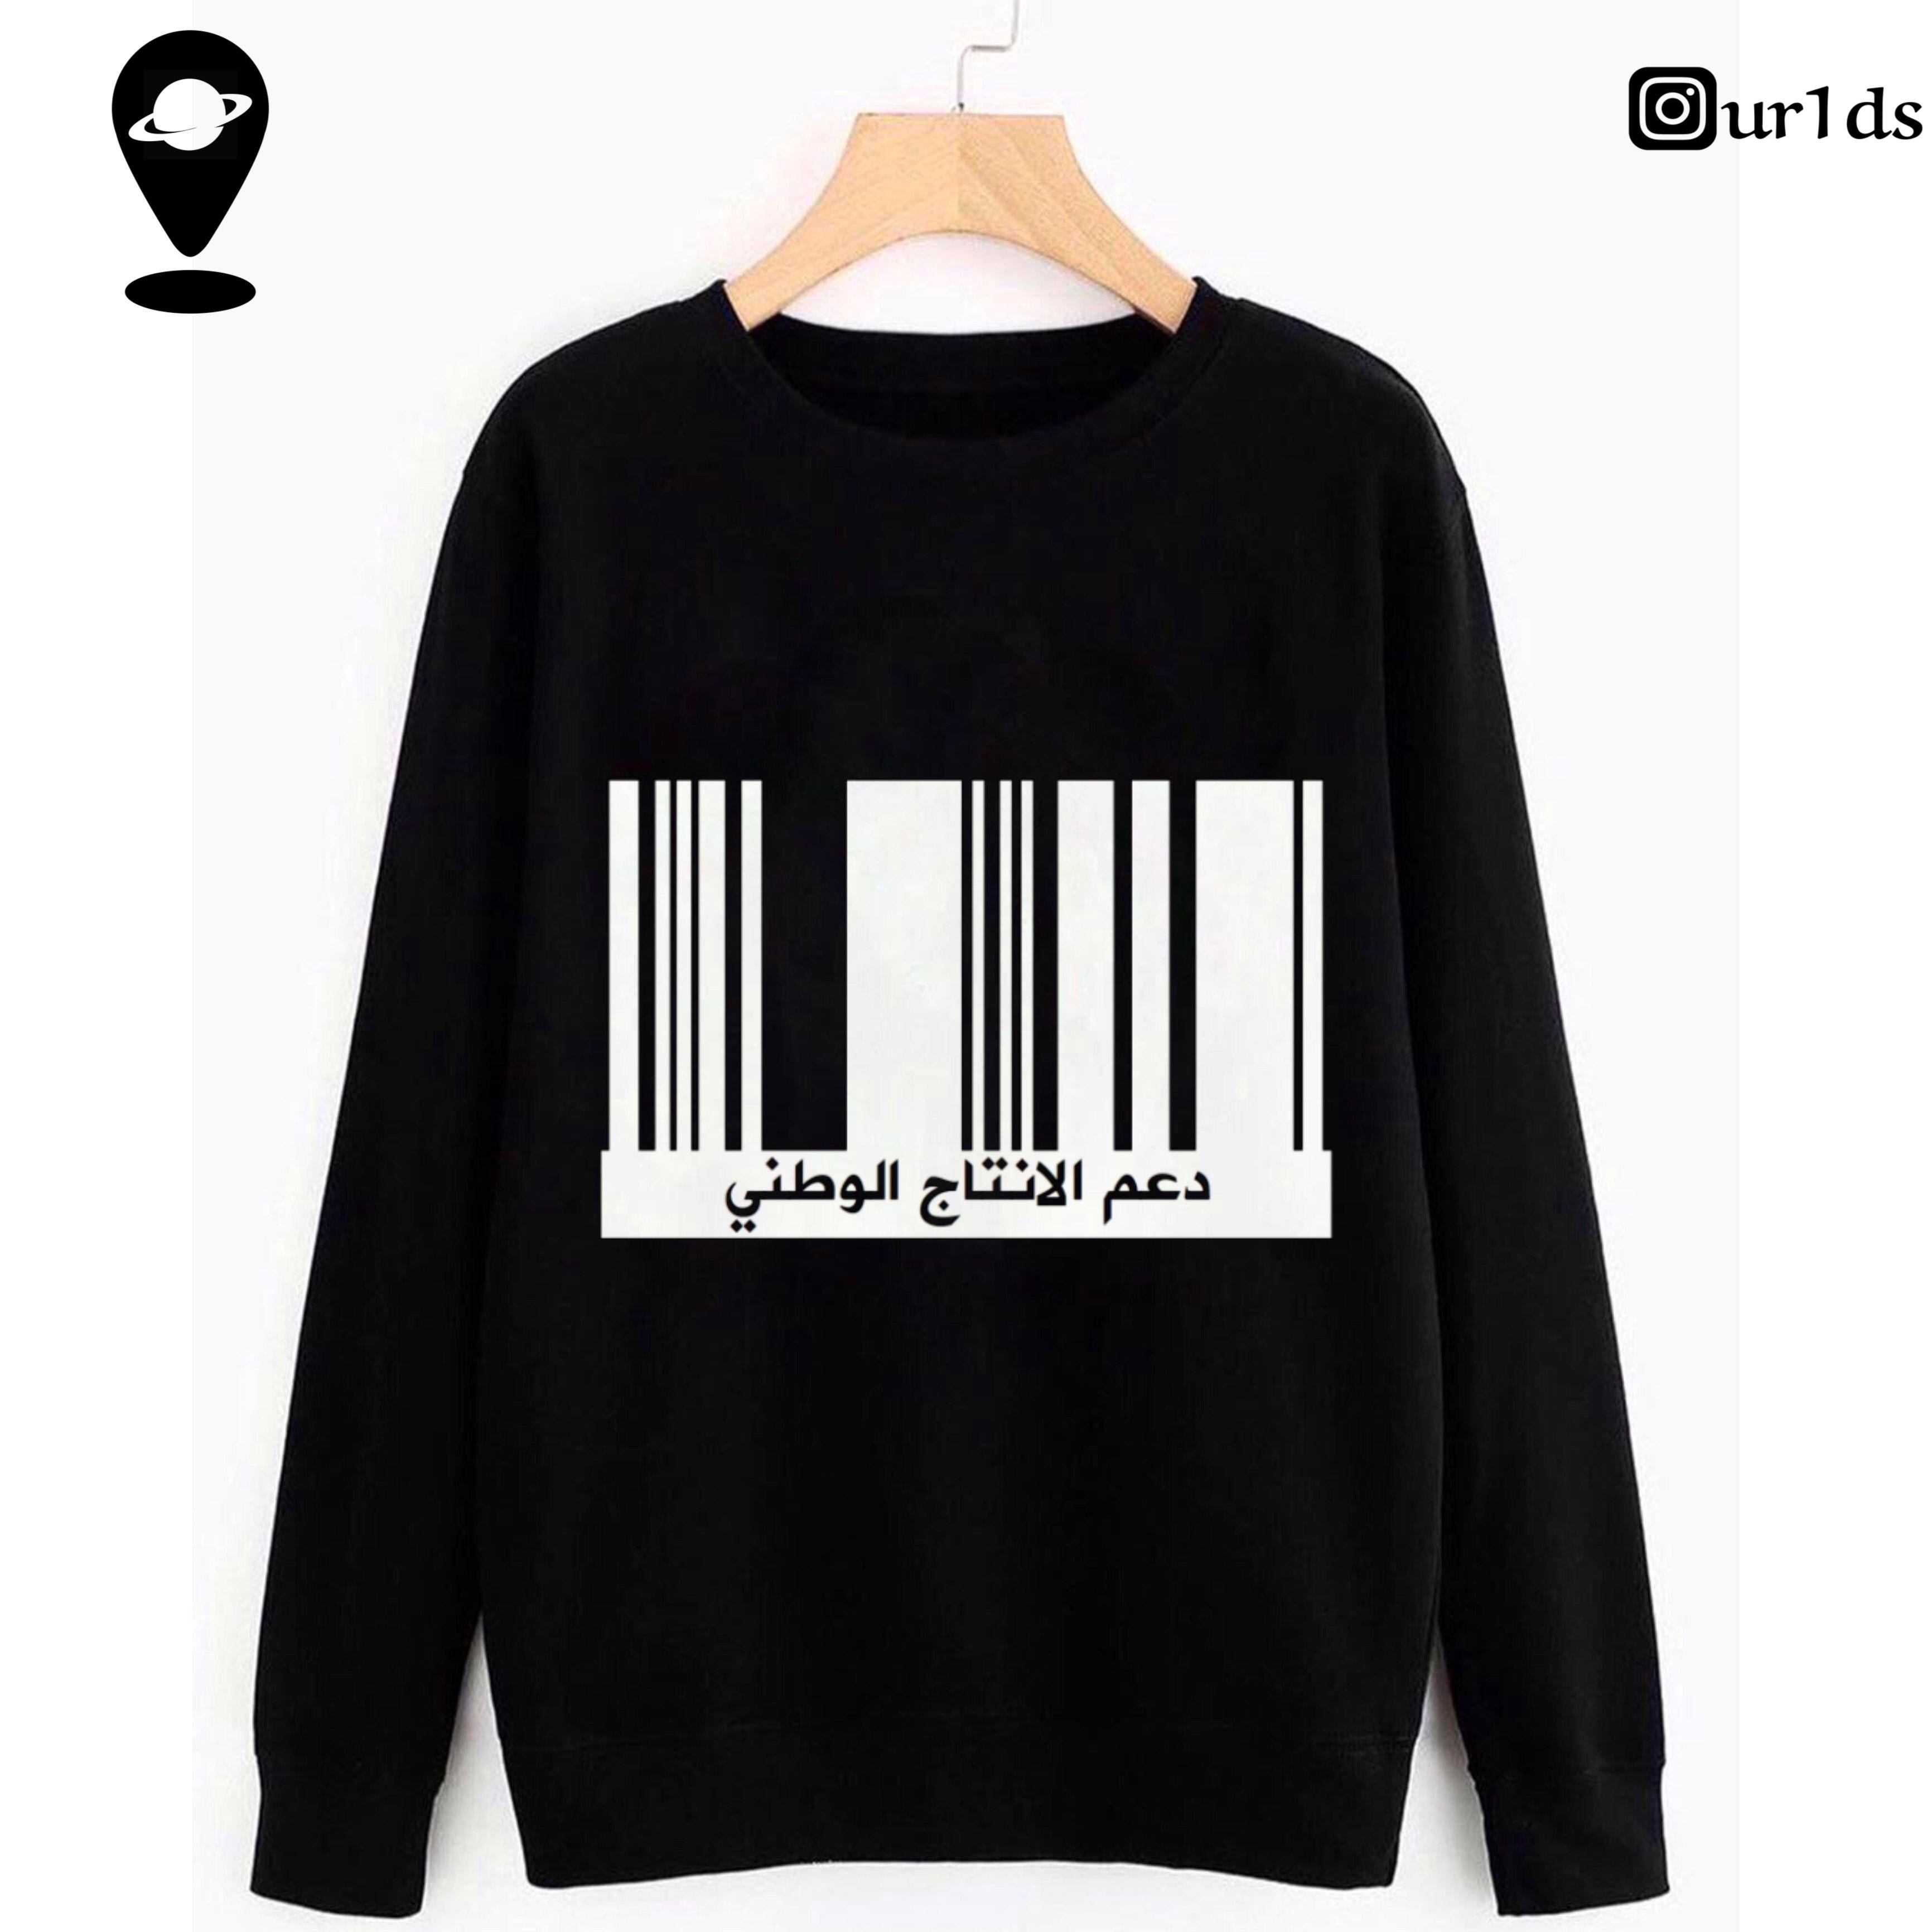 للطلب اضغط علىى الصورة ليظهر لك الحسابد Sweatshirts Fashion